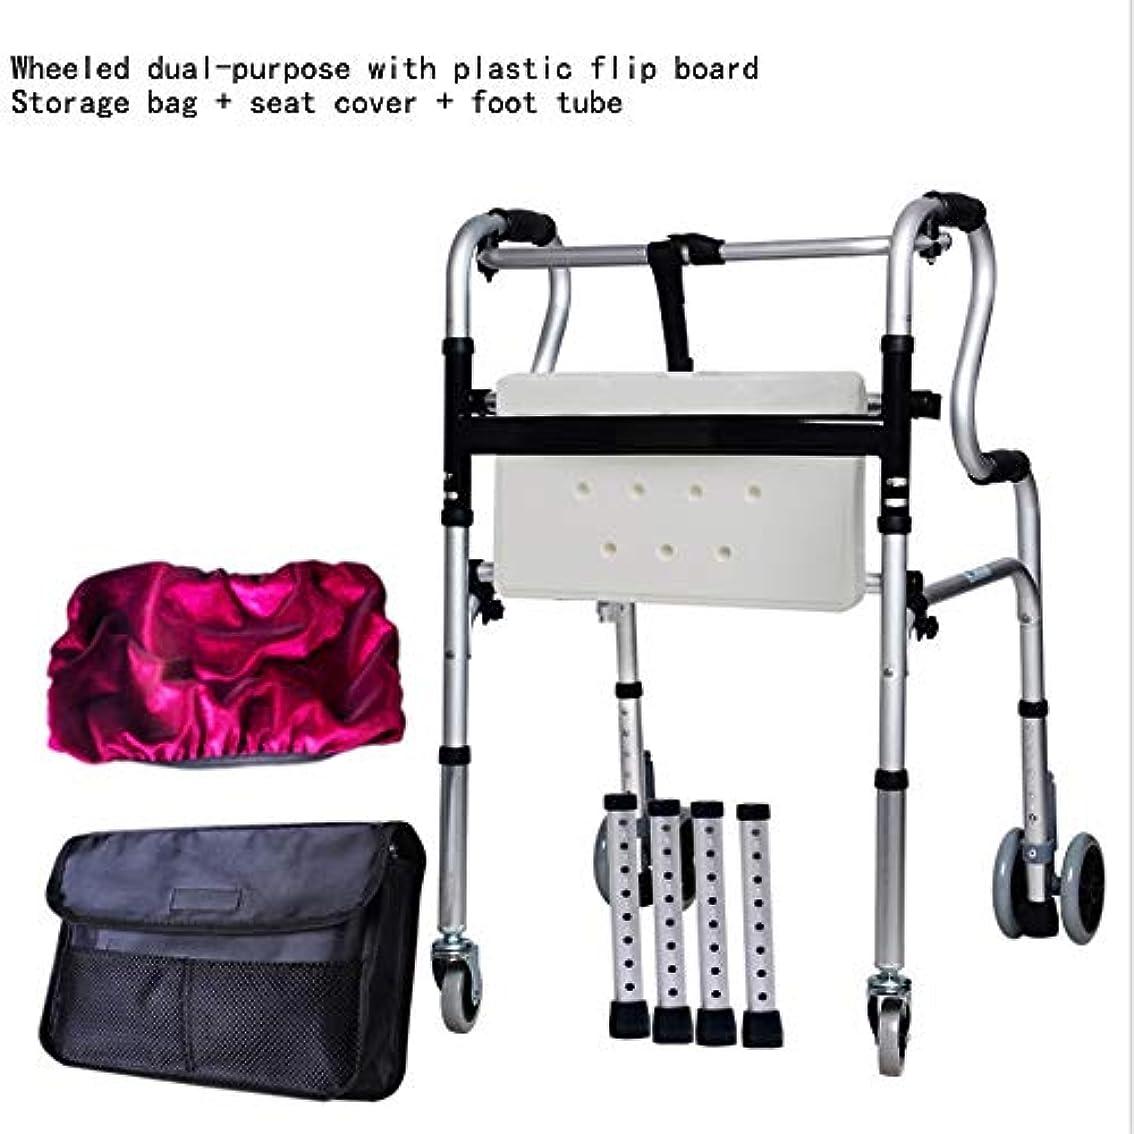 雑多な創傷セールスマン滑車付き歩行補助器具、高齢者用および負傷者用シート付き折りたたみ式四輪歩行フレーム (Color : 白)